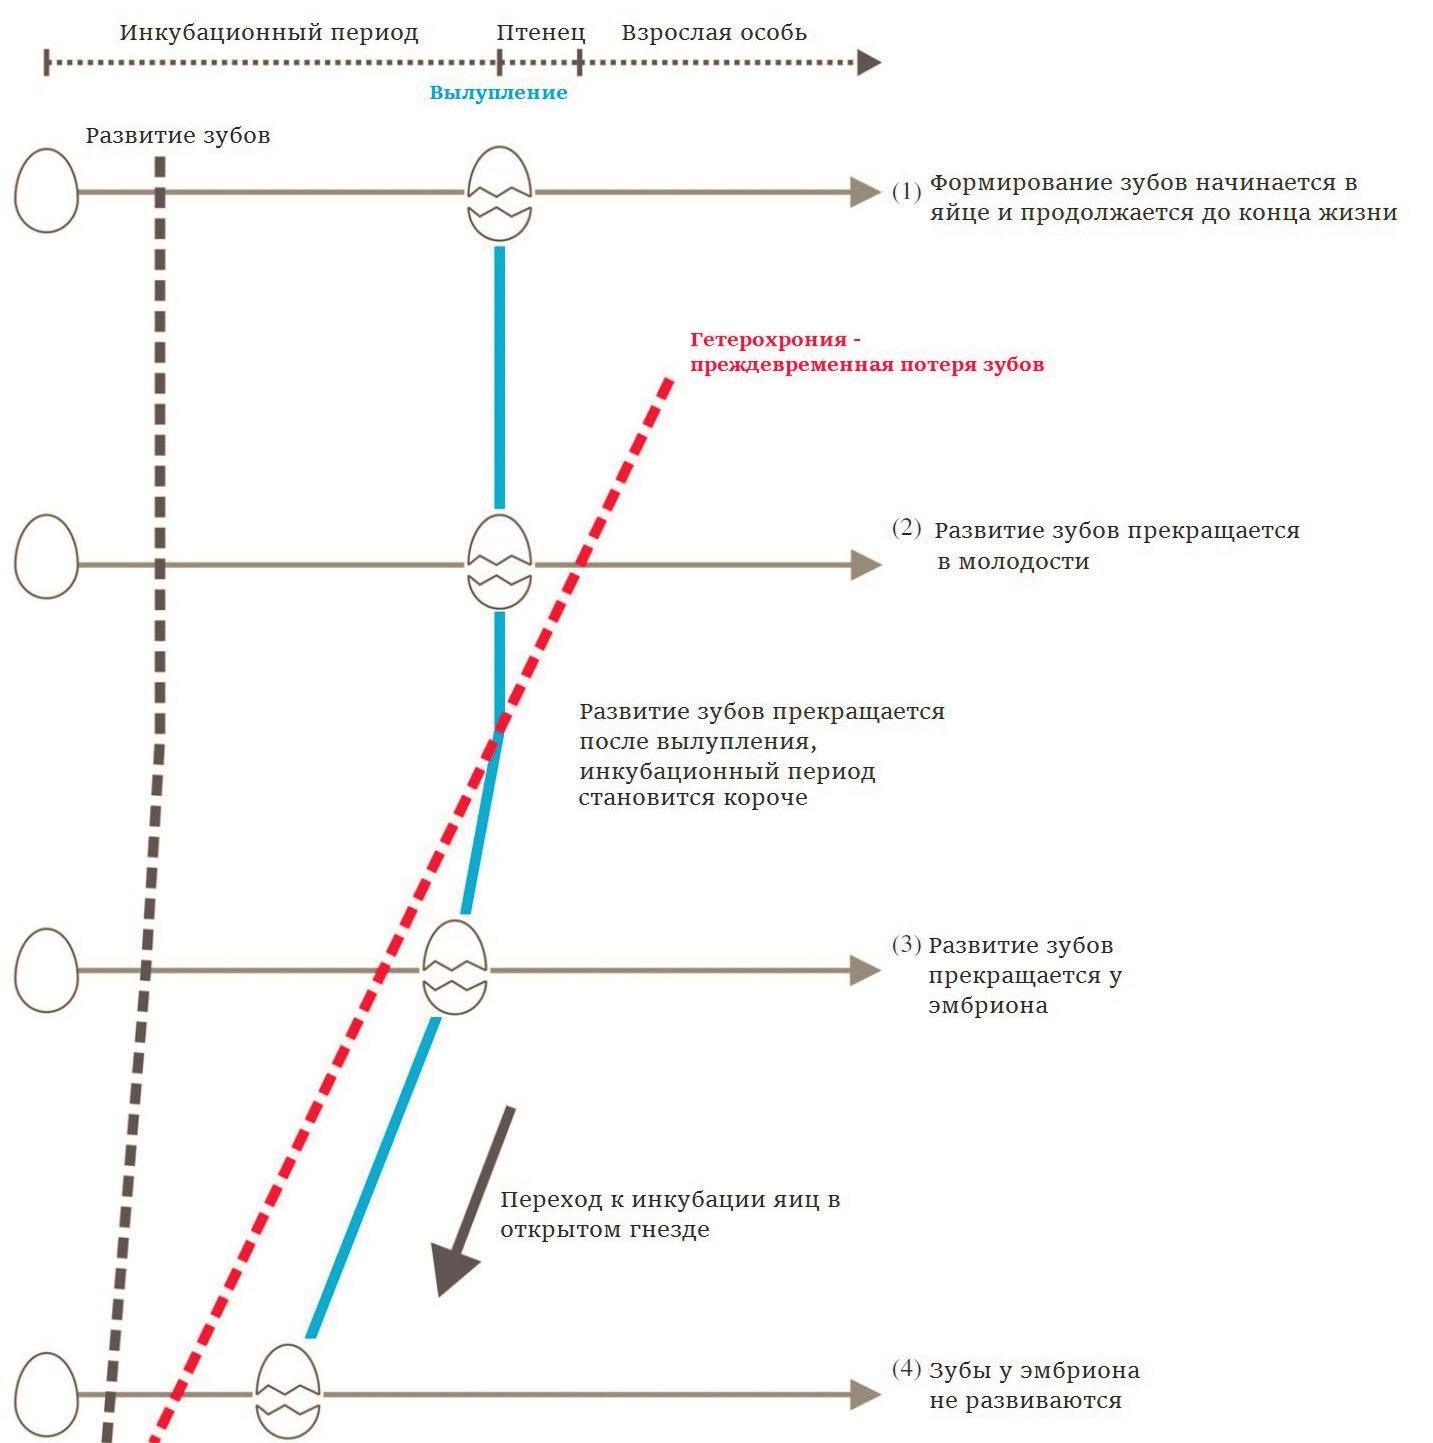 Рис. 1. Переход к беззубости совершался в четыре этапа и привел к существенному укорочению инкубационного периода (Yang T.-R. et al., 2018)